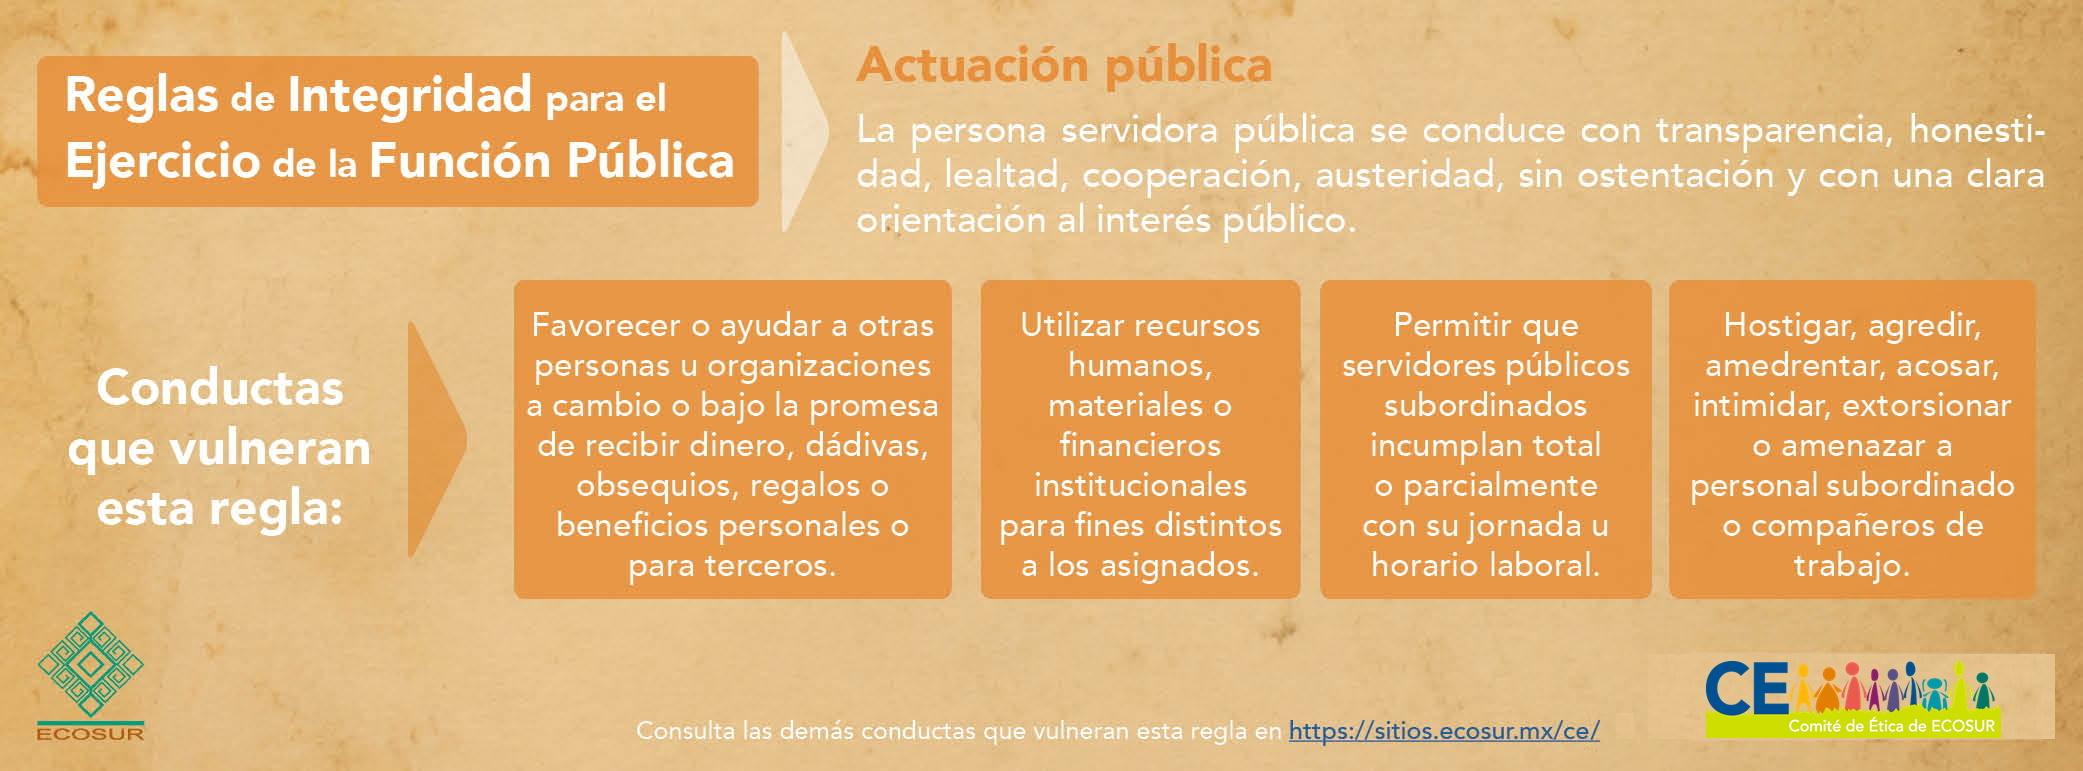 Actuación pública